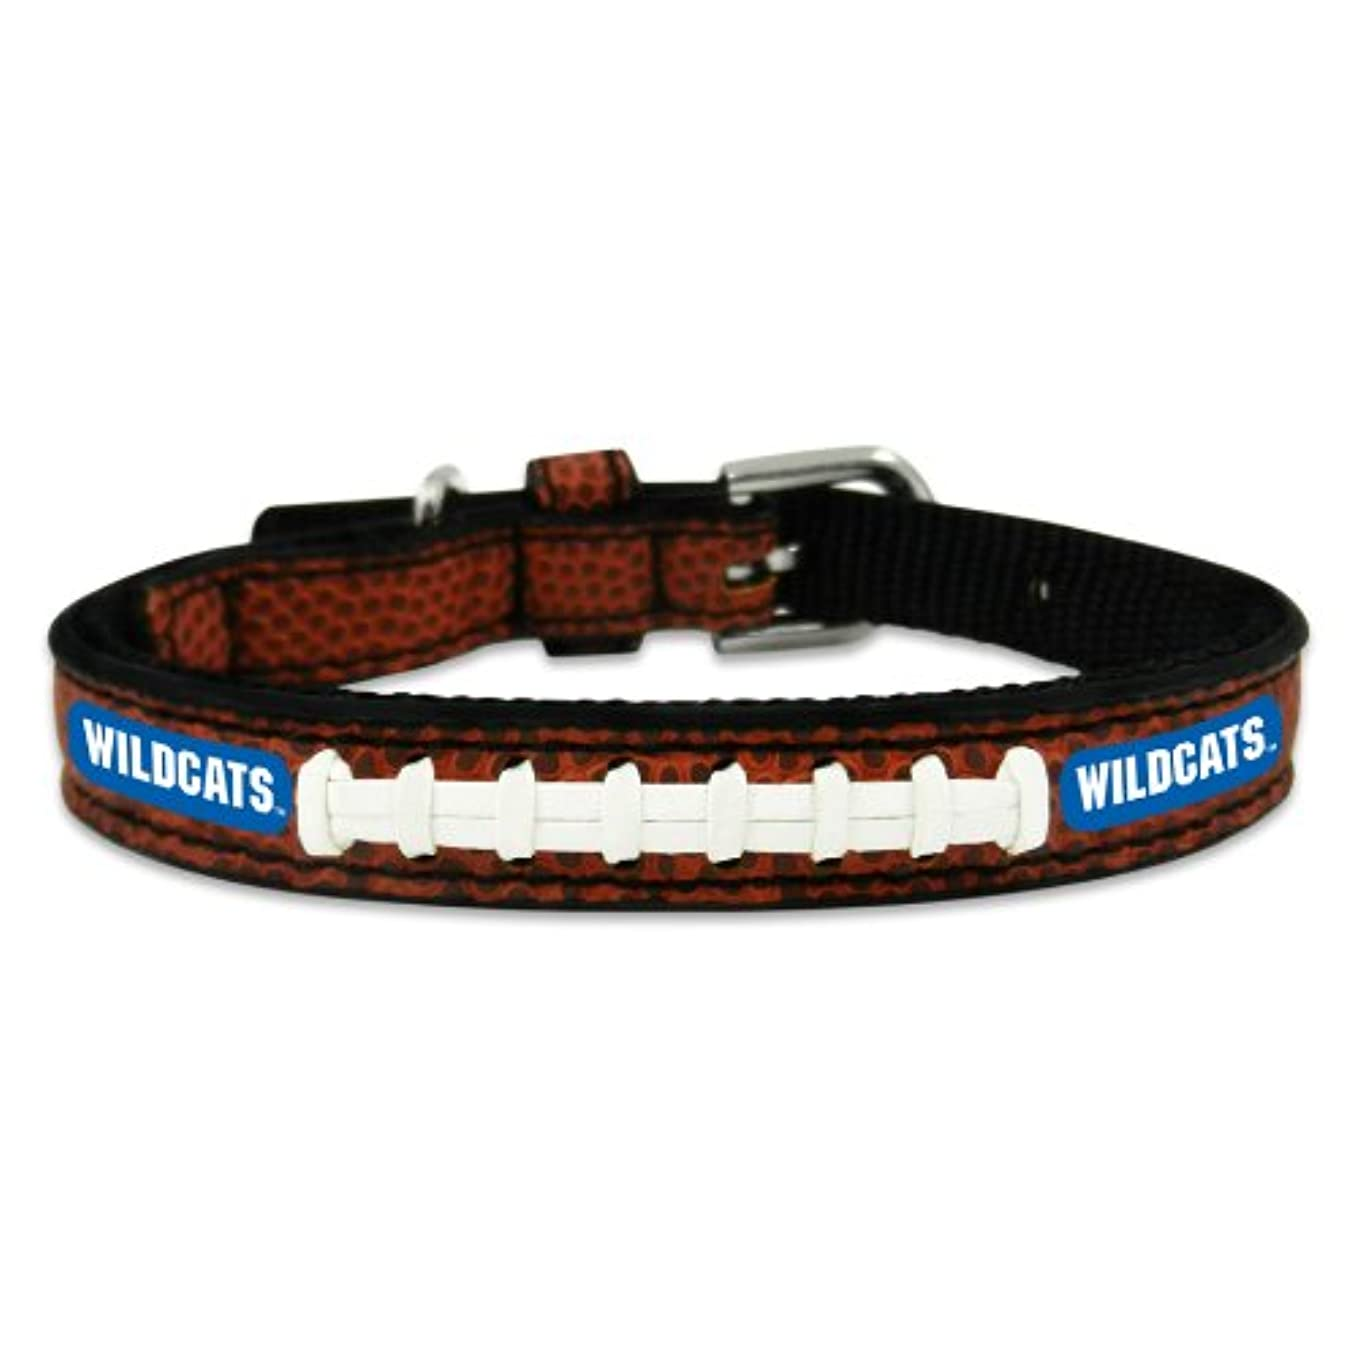 変わる失われたランプKentucky Wildcats Classic Leather Toy Football Collar